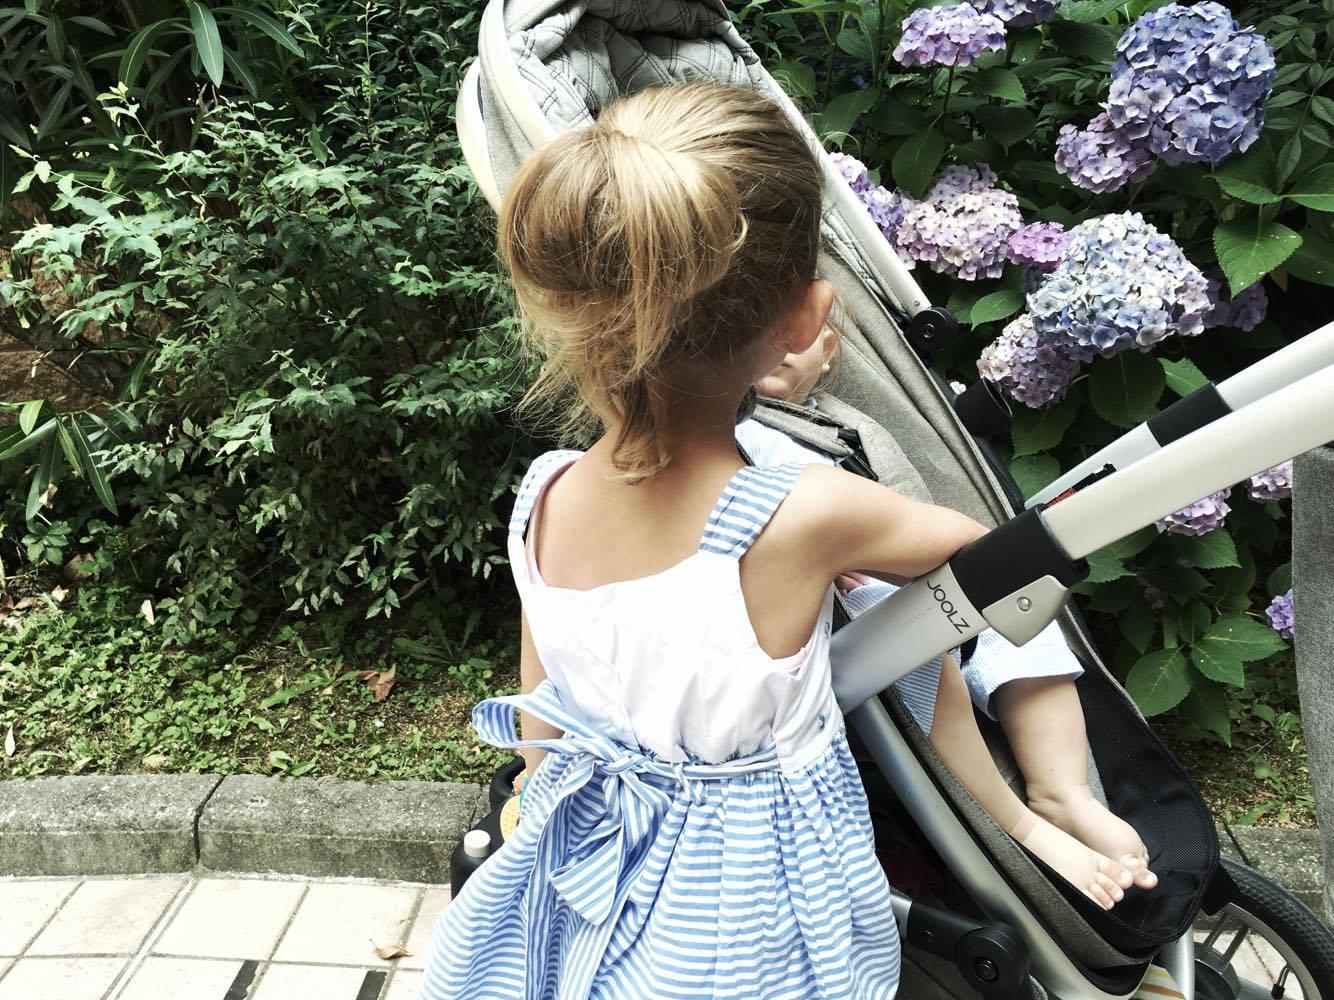 Cerimonia estiva: come vestire i bambini